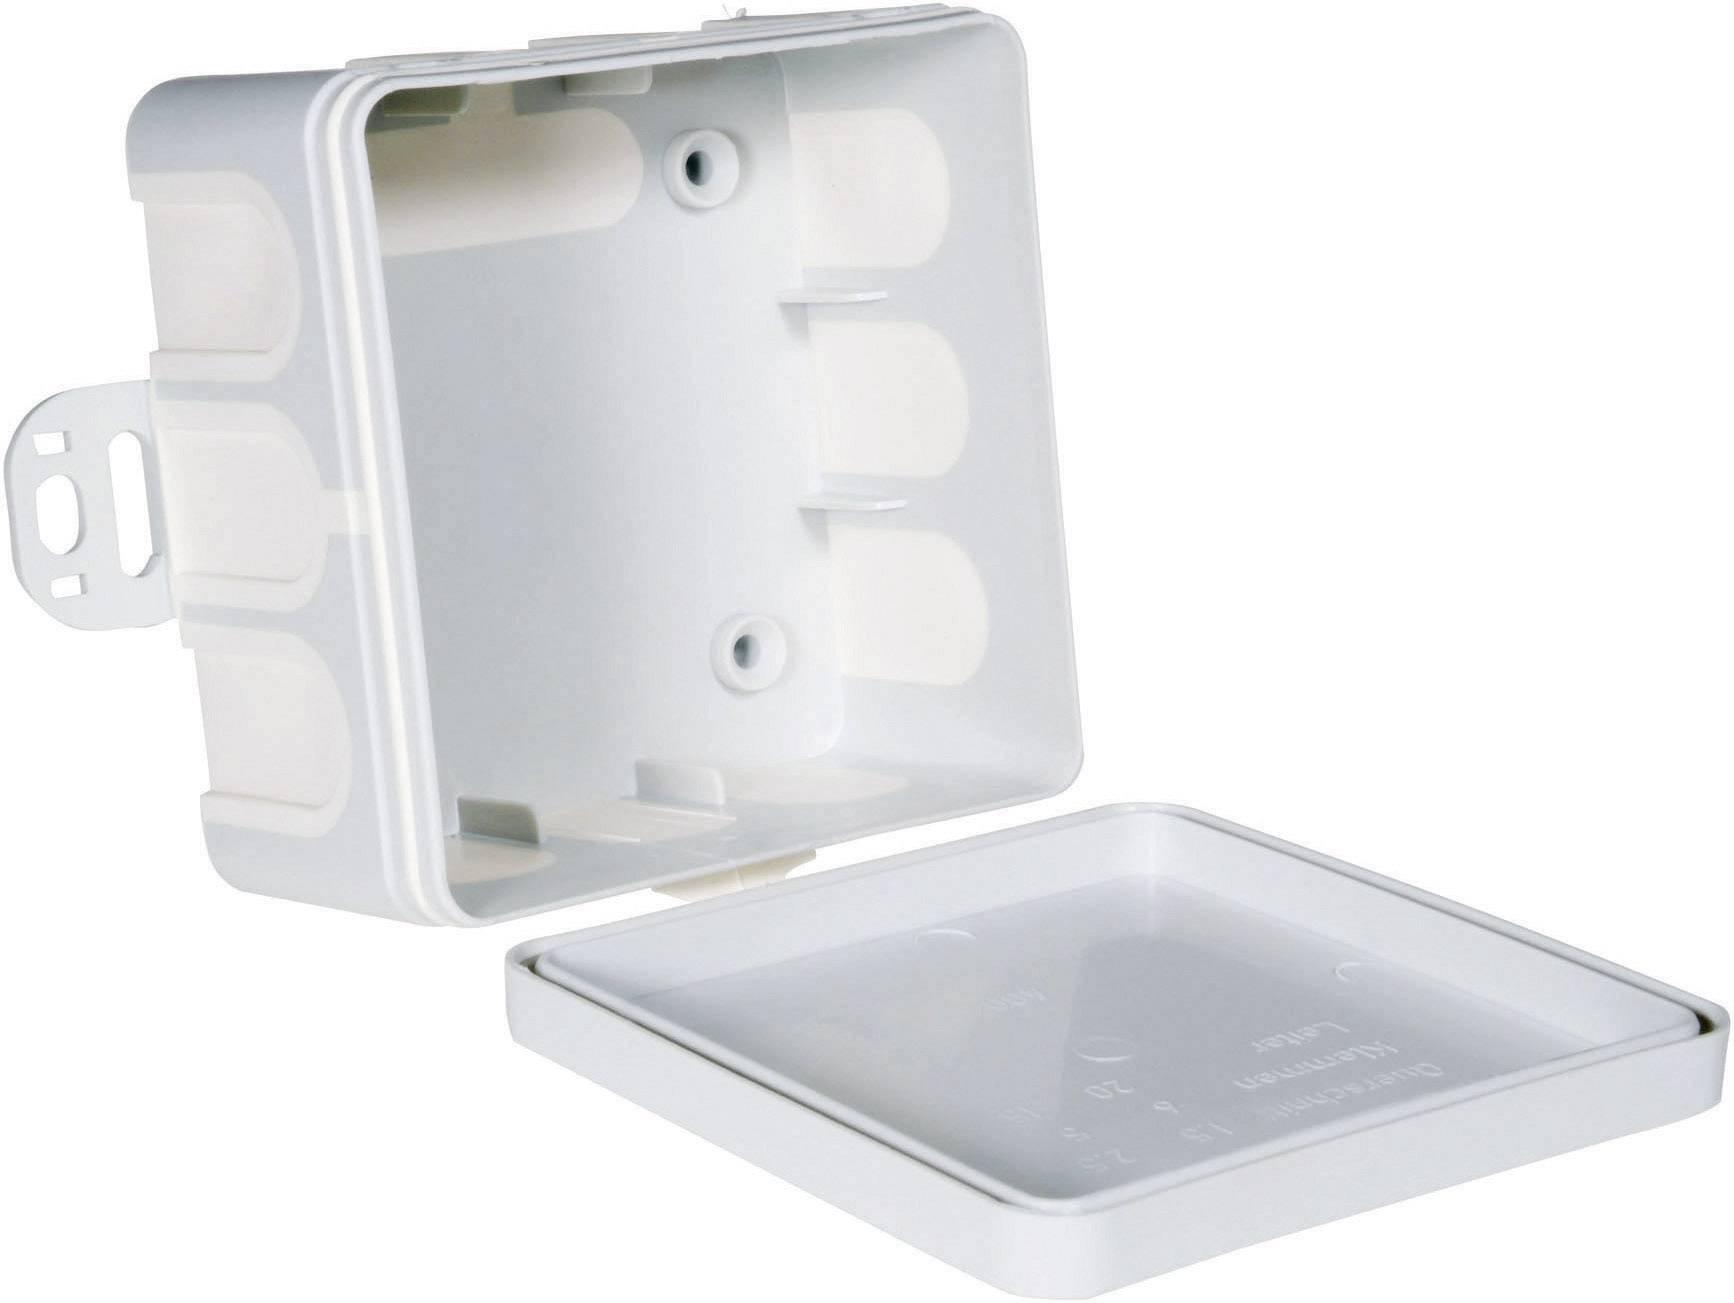 Odbočná krabice do vlhkého prostředí pro nástěnnou montáž 75x75x40 (20 ks)